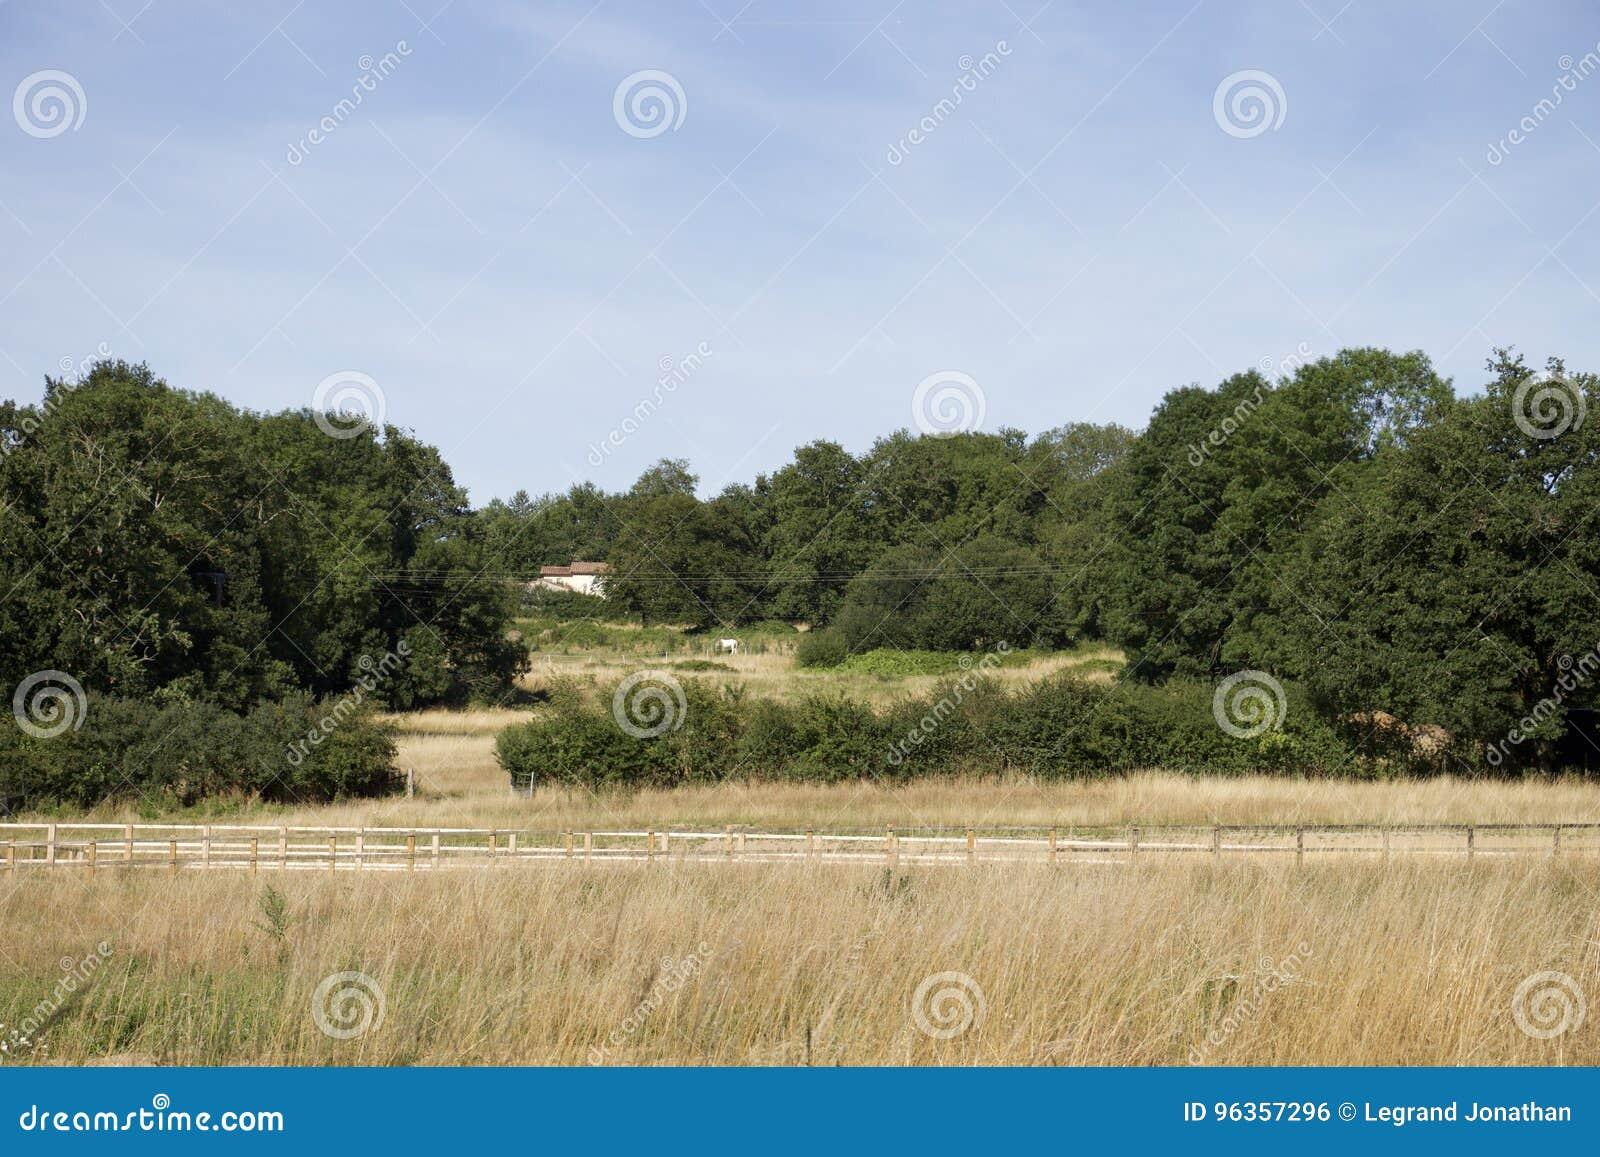 A small house in a prairie